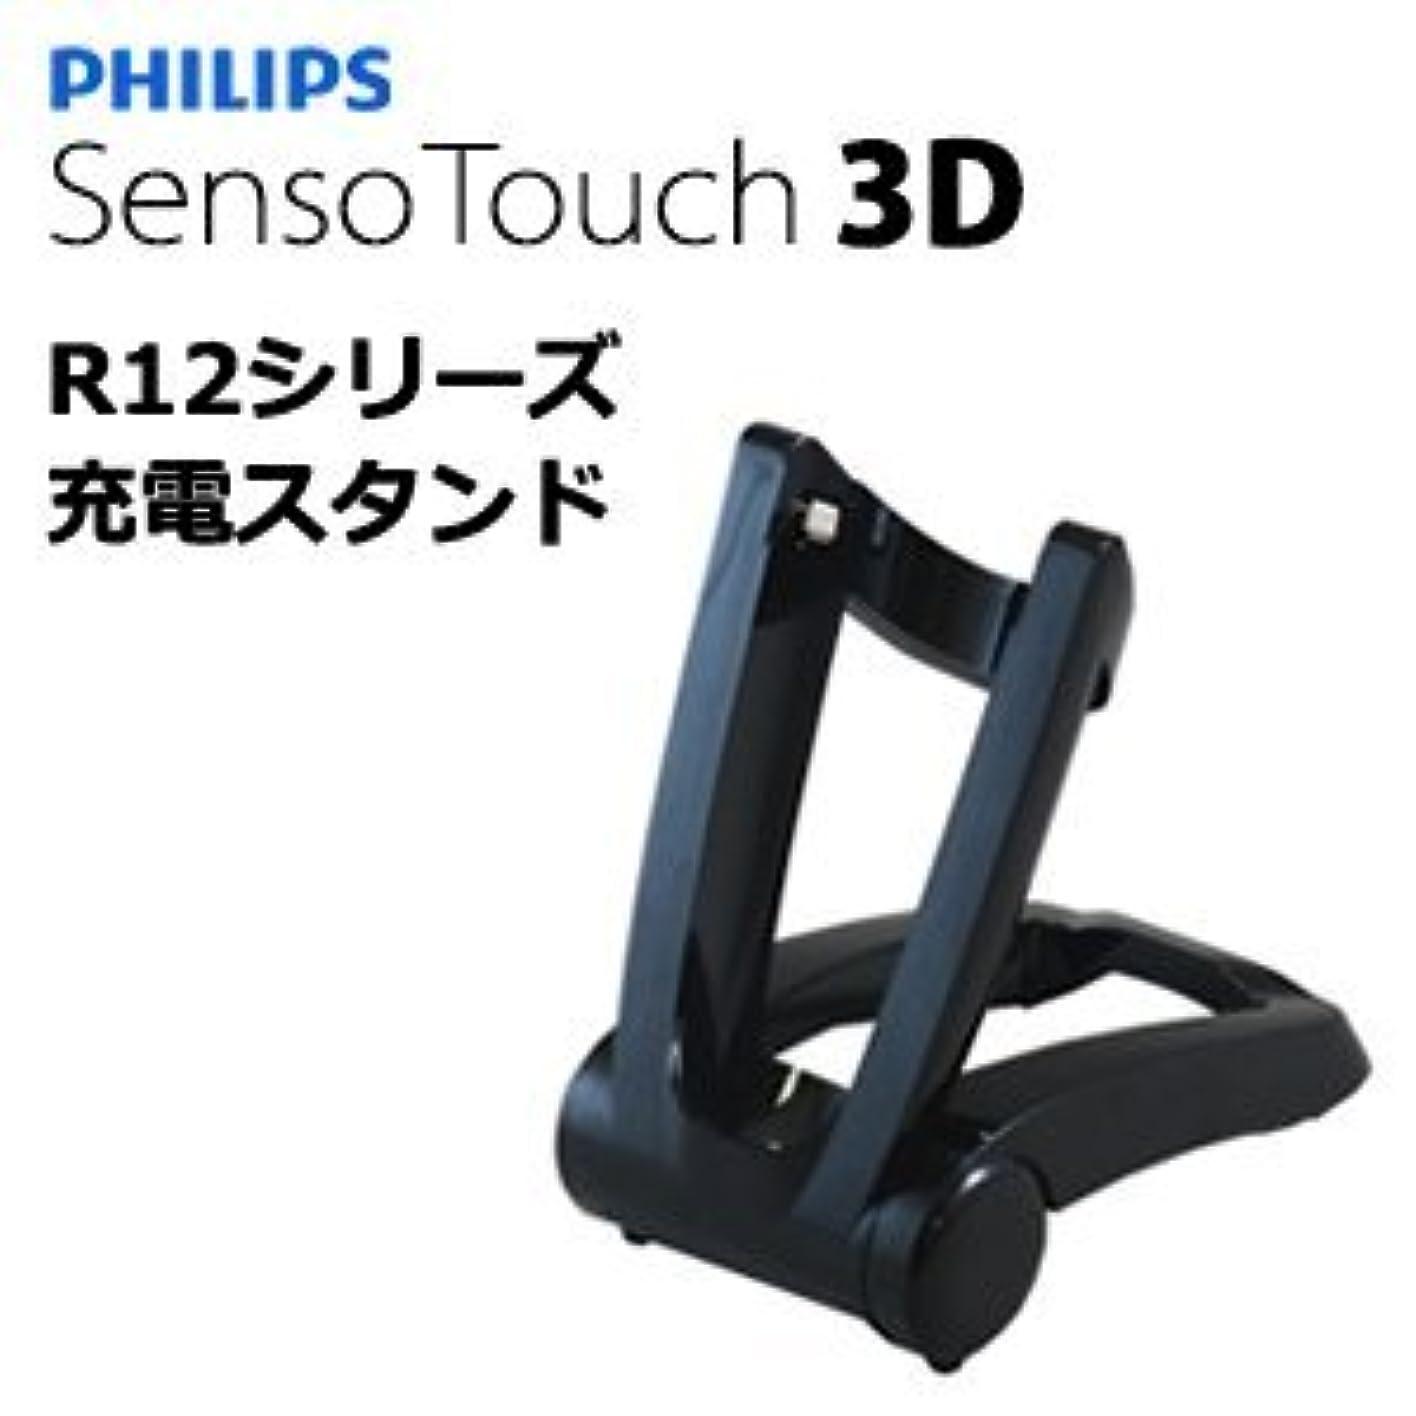 計算可能散歩不明瞭PHILIPS 電動シェーバー Senso Touch 3D RQ12シリーズ 充電器 チャージャースタンド フィリップス センソタッチ シリーズ 携帯 充電器 チャージャー スタンド